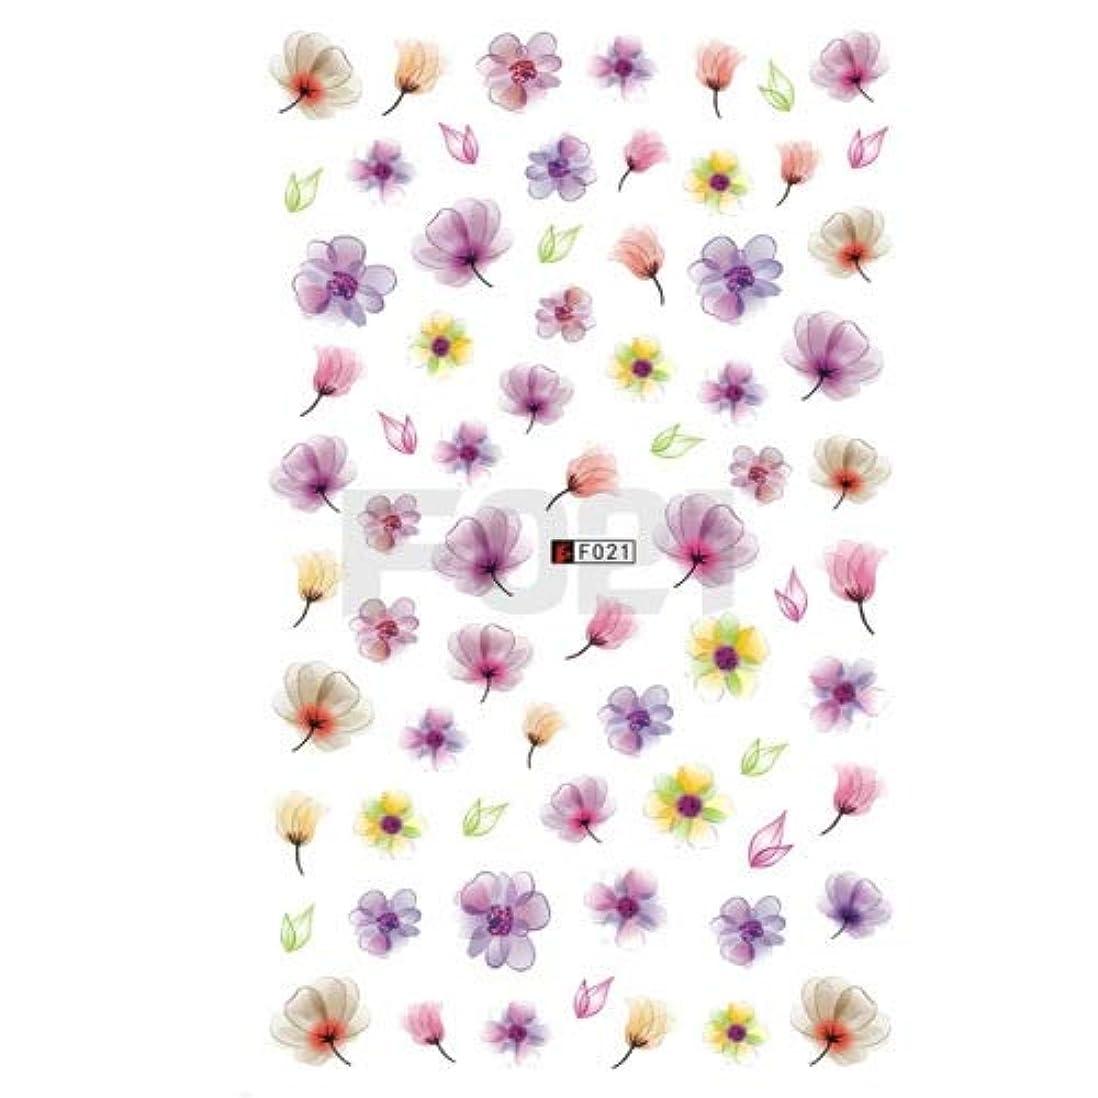 旅行者疑い状況手足ビューティーケア 3個の3Dネイルステッカー咲く花3Dネイルアートステッカーデカール(F199) (色 : F021)